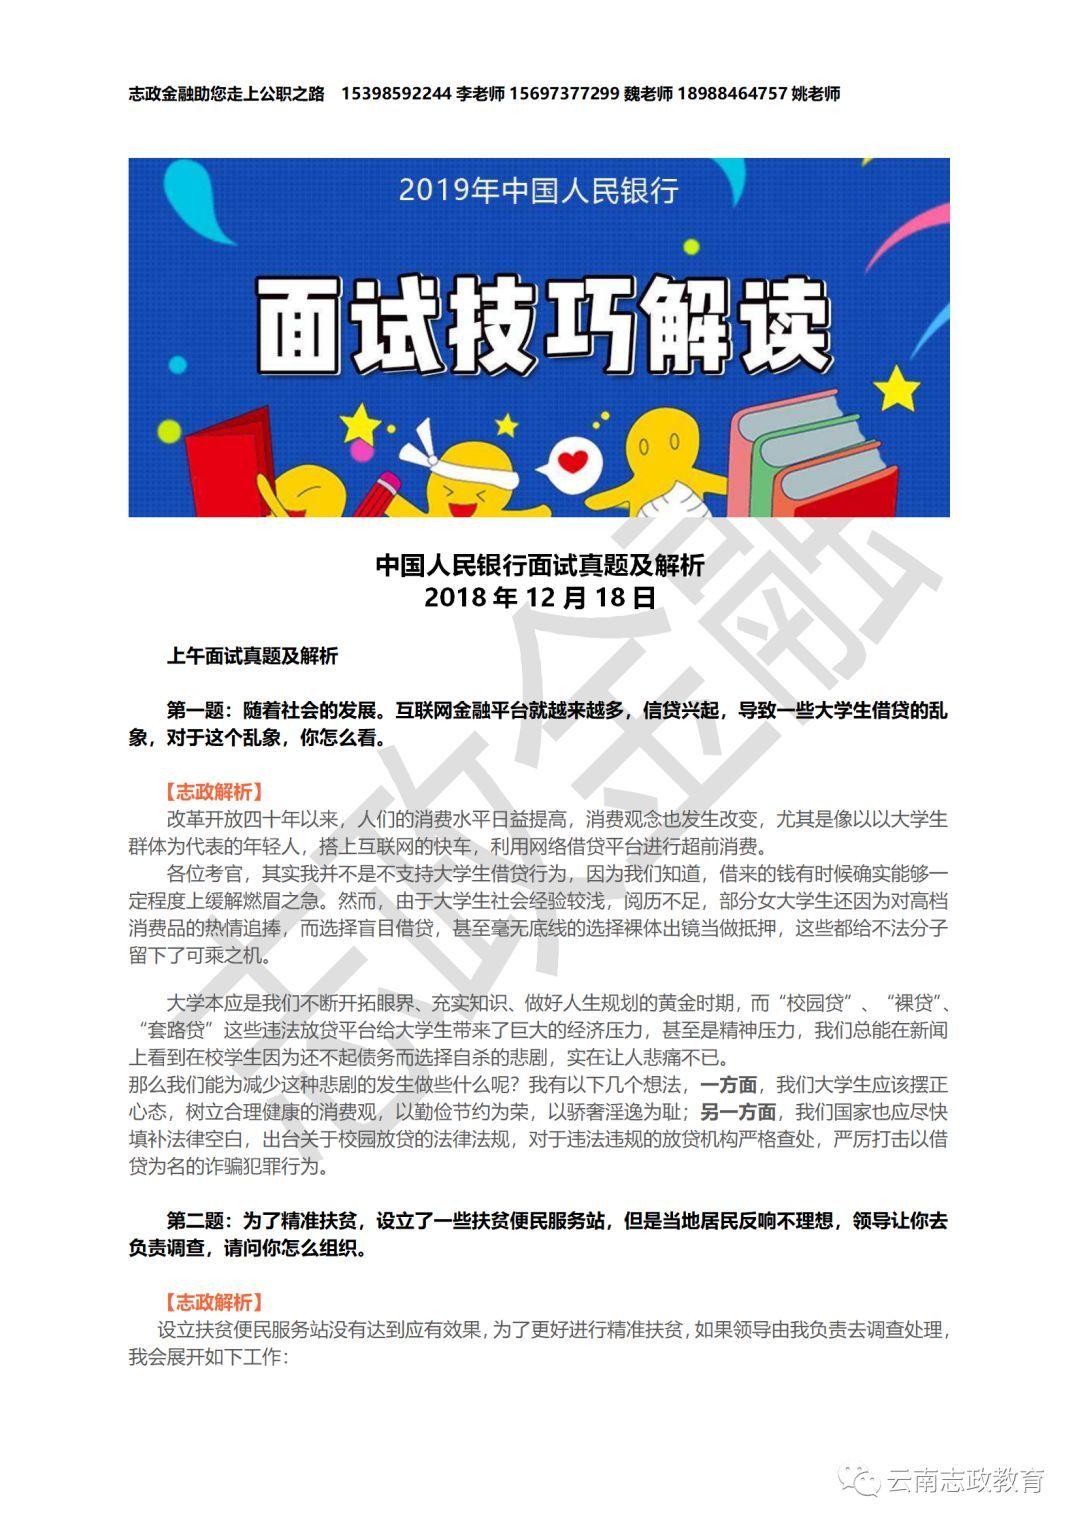 中国人民解改a��`9/#z(_【面试题解】2018年12月18日-19日中国人民银行(云南)